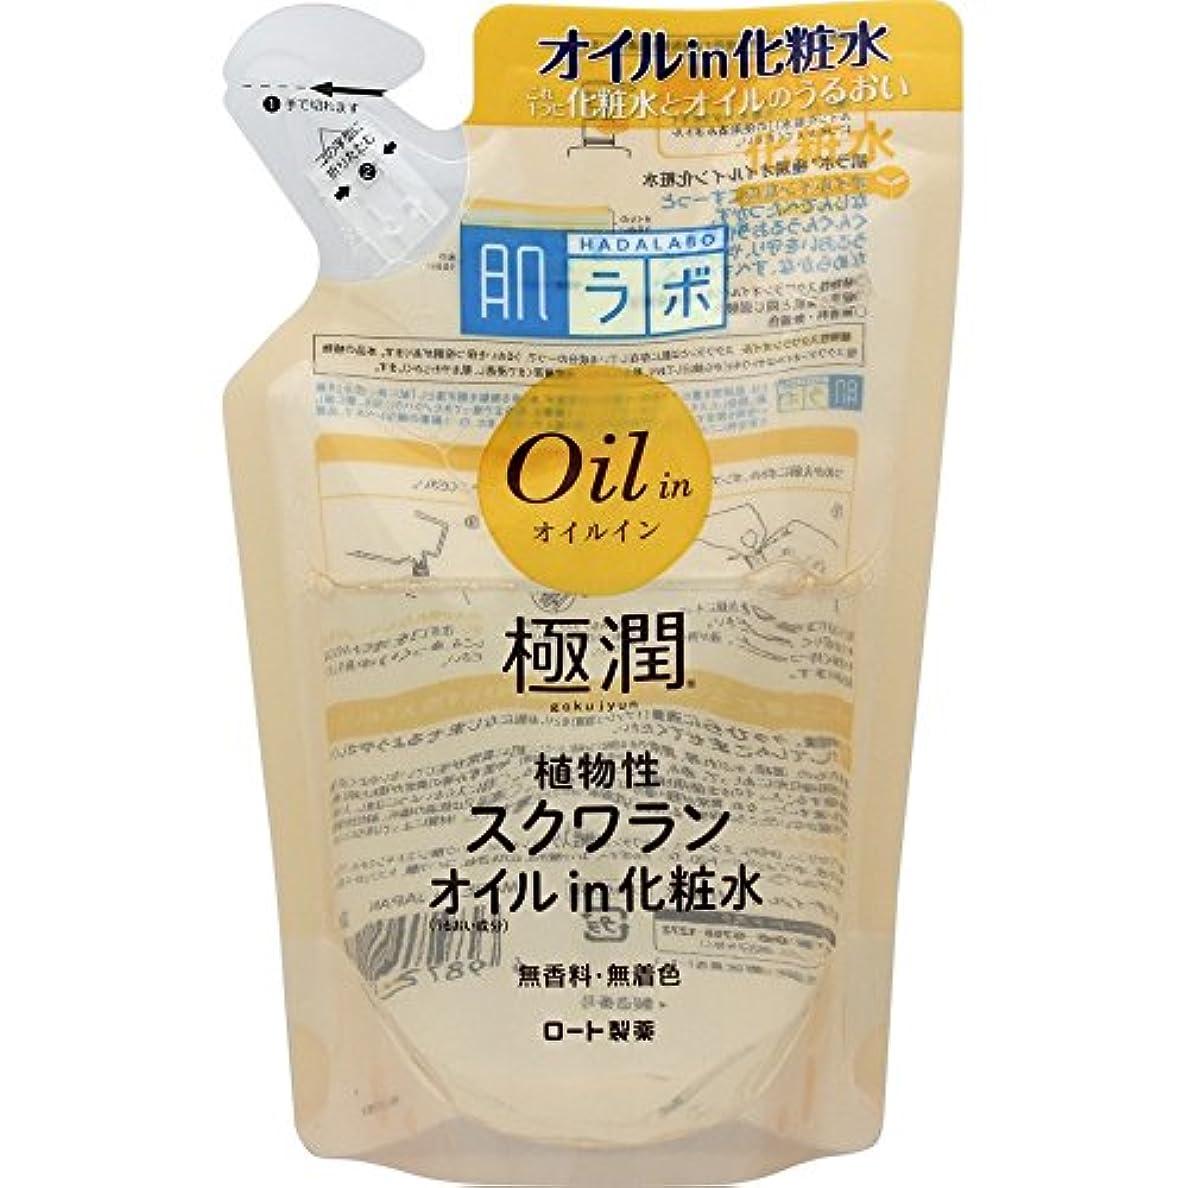 シード毛皮十分肌ラボ 極潤オイルイン化粧水 <詰替用> 植物性スクワランオイル配合 220ml